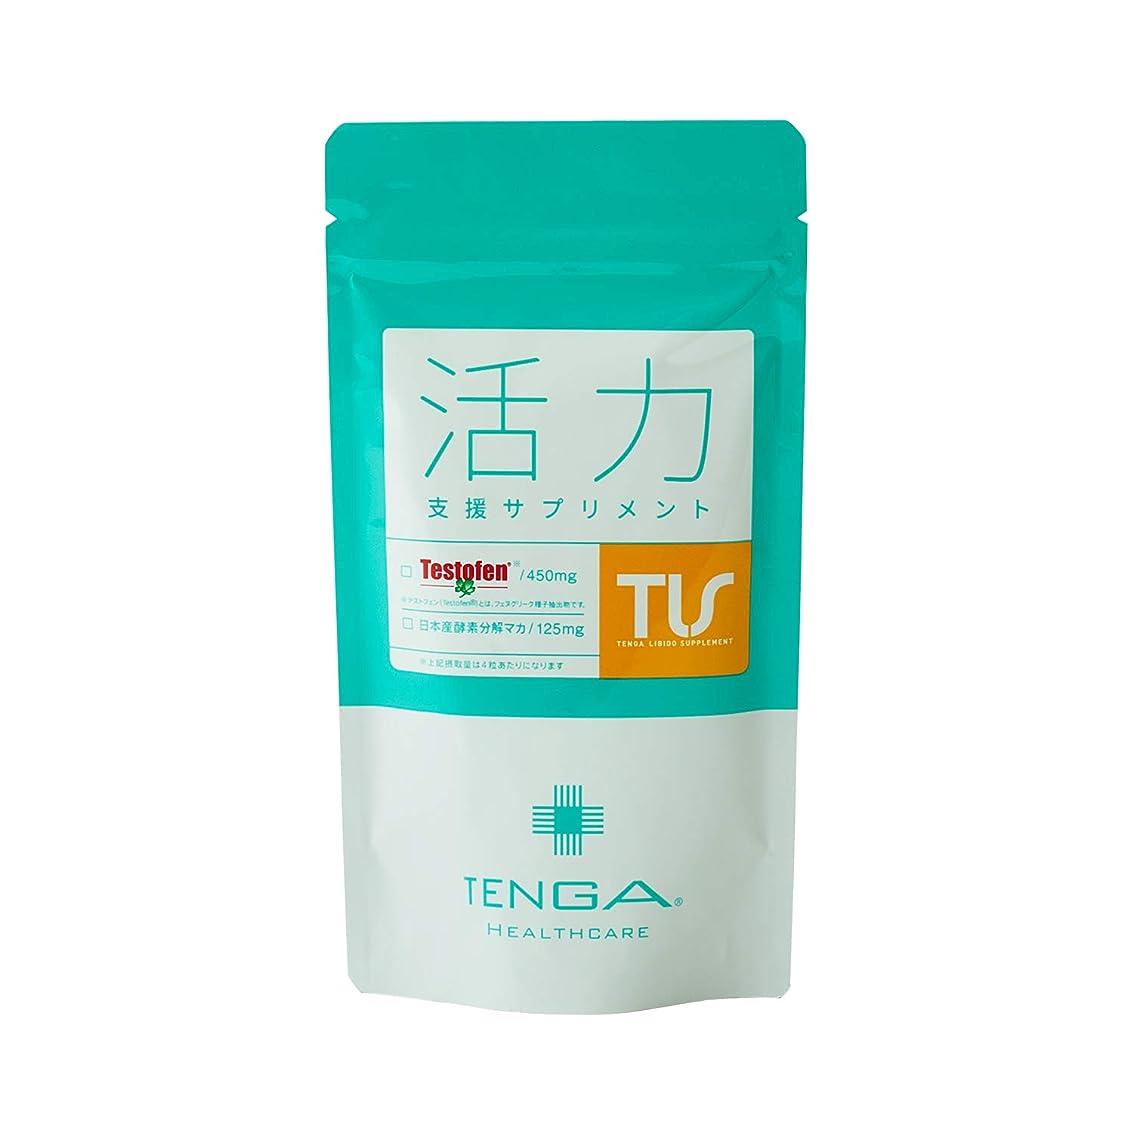 TENGAヘルスケア 活力支援サプリメント テストフェン 日本産酵素分解マカ 120粒